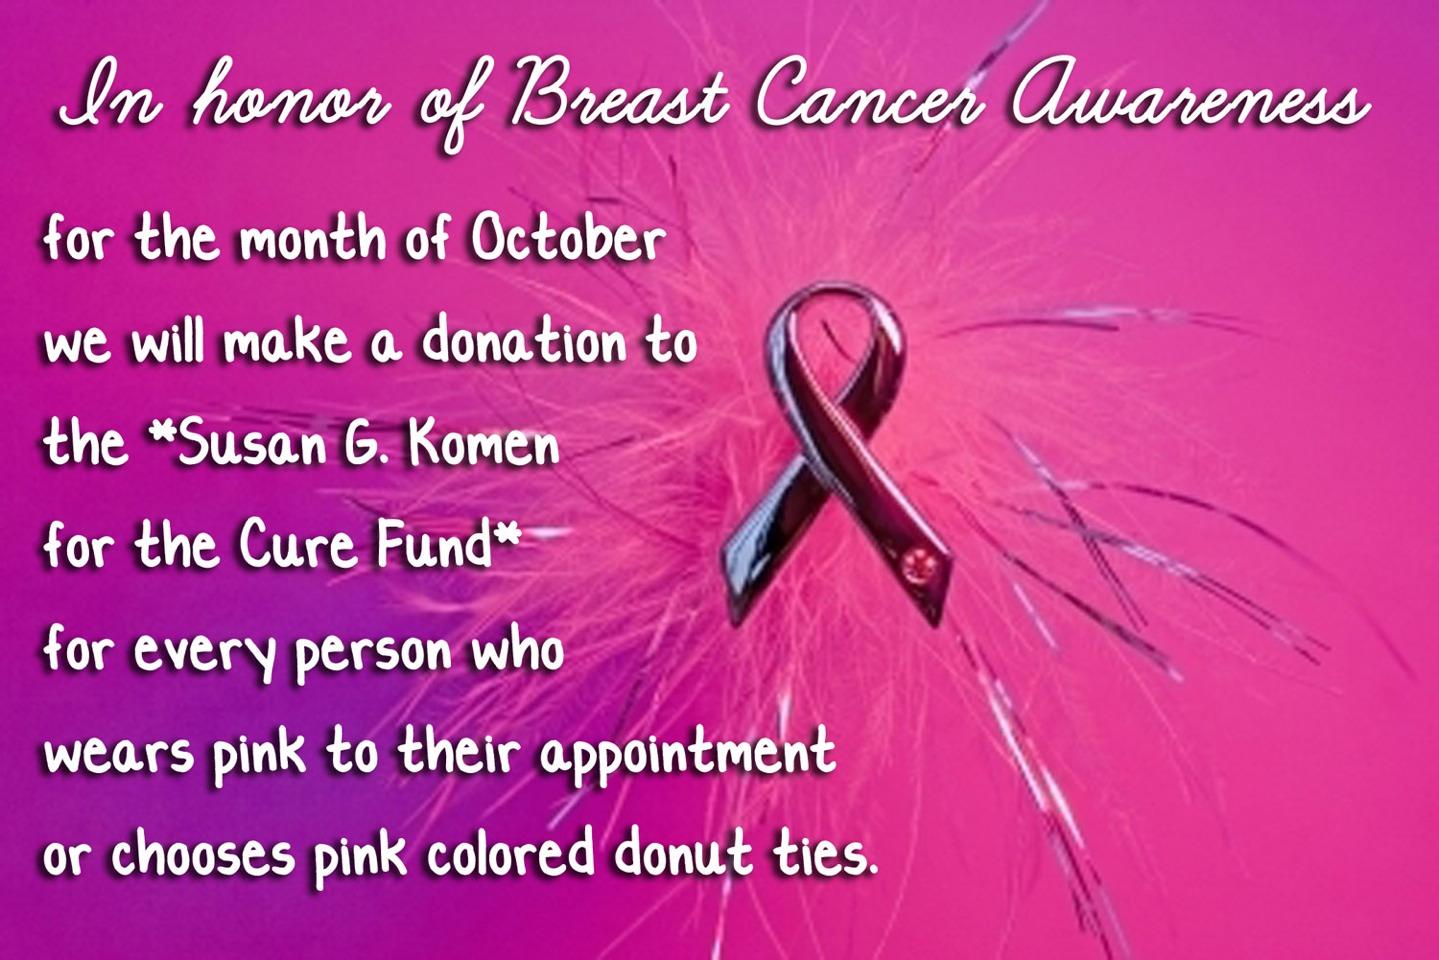 Diy Cancer Awareness Crafts